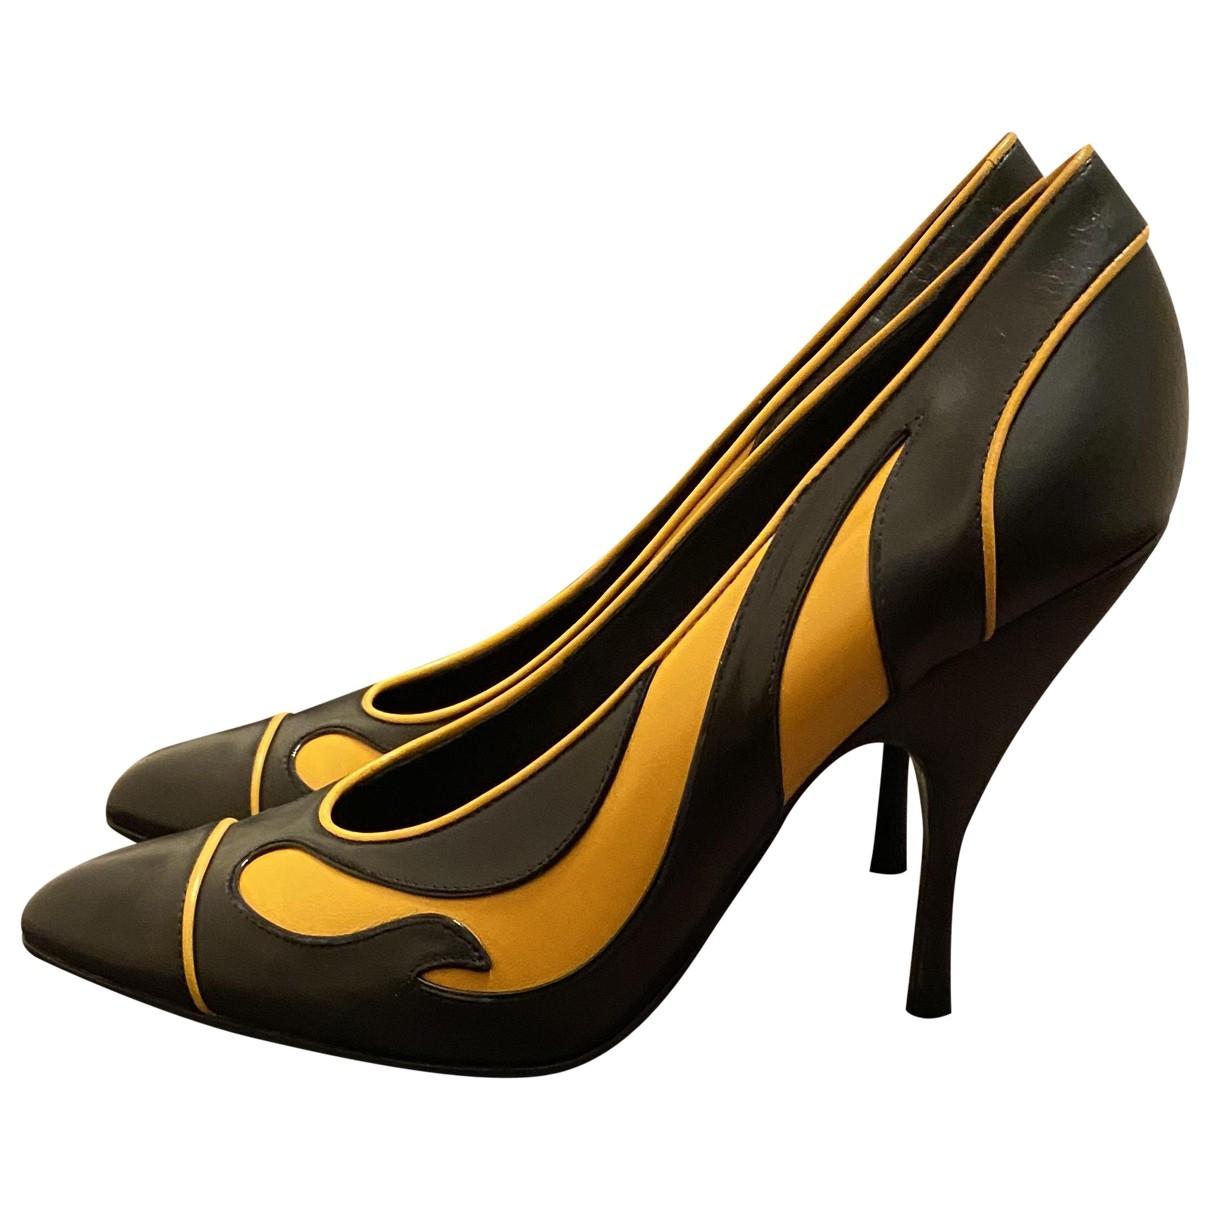 Bottega Veneta \N Black Leather Heels for Women 40 EU